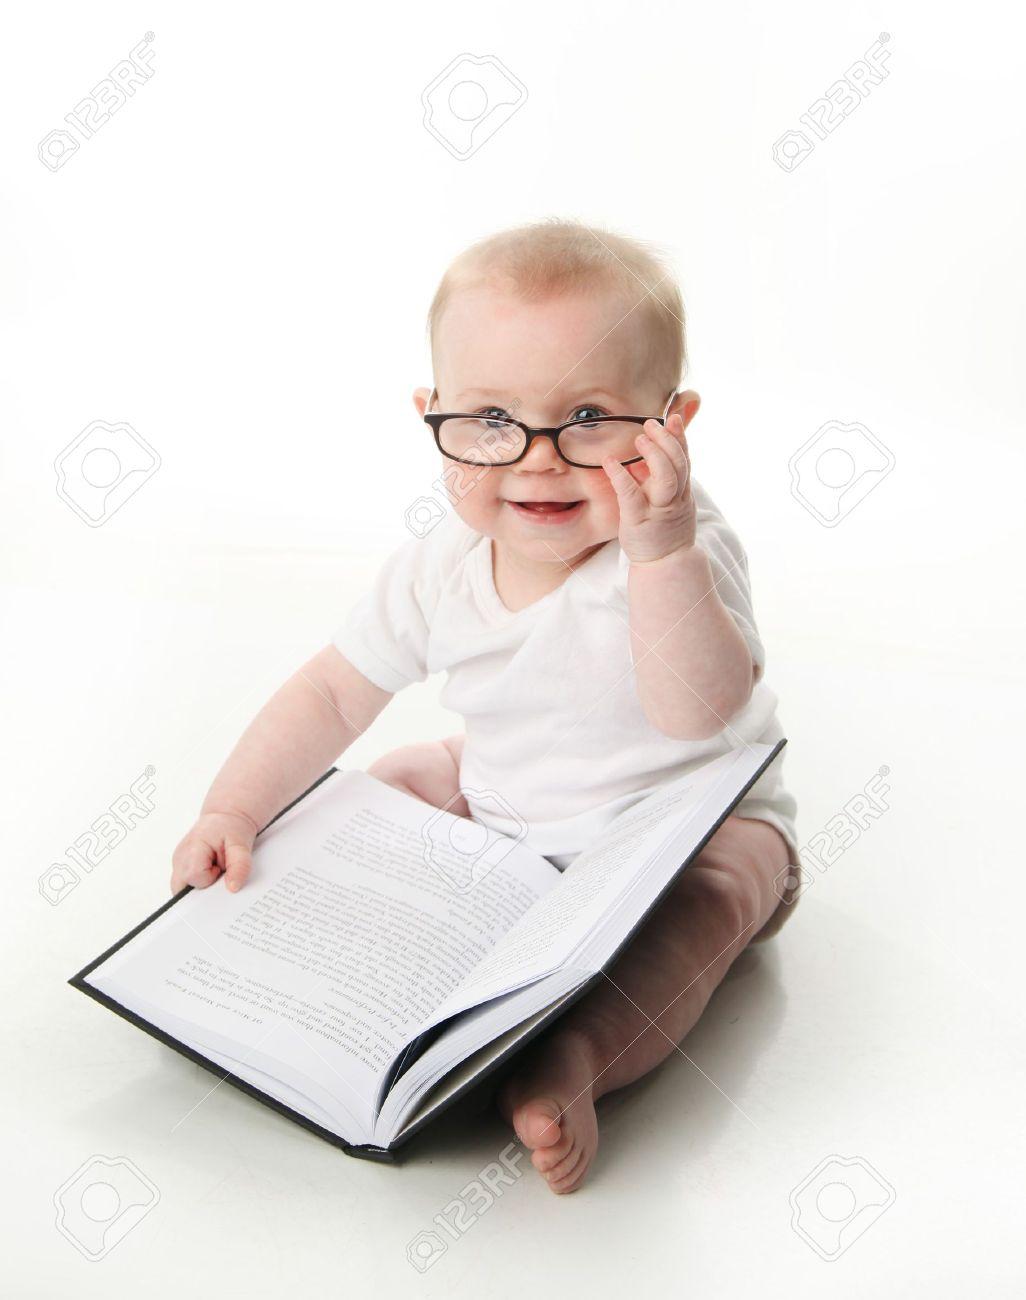 e8a173be68 Foto de archivo - Retrato de un adorable bebé sentado llevaba anteojos y  mirando un libro, aislado en blanco